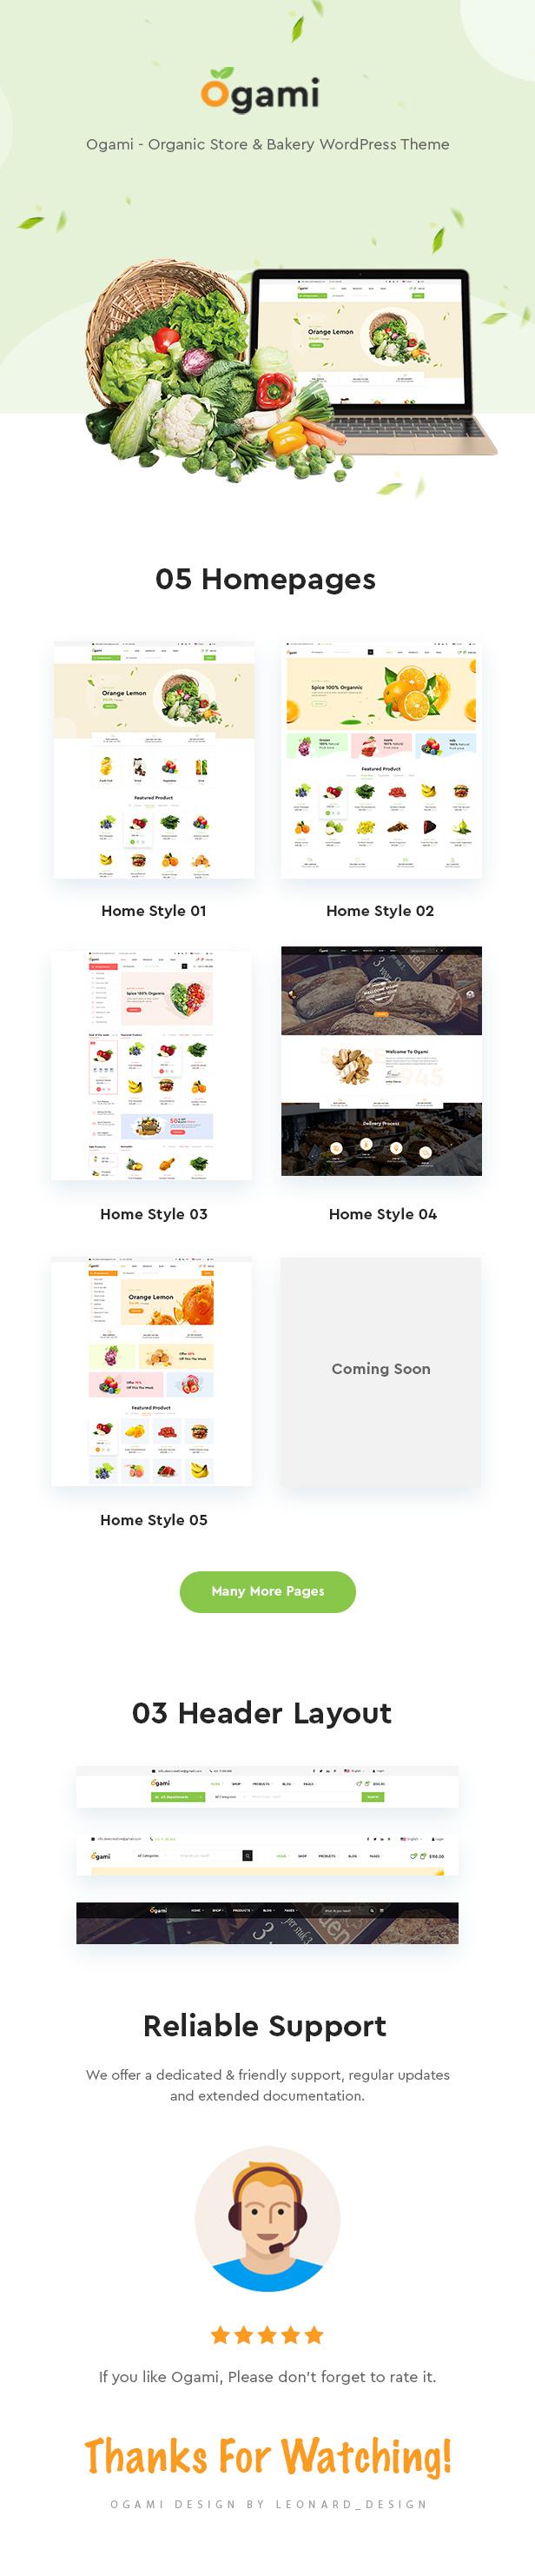 Ogami - Organik Mağaza WordPress Teması - 4